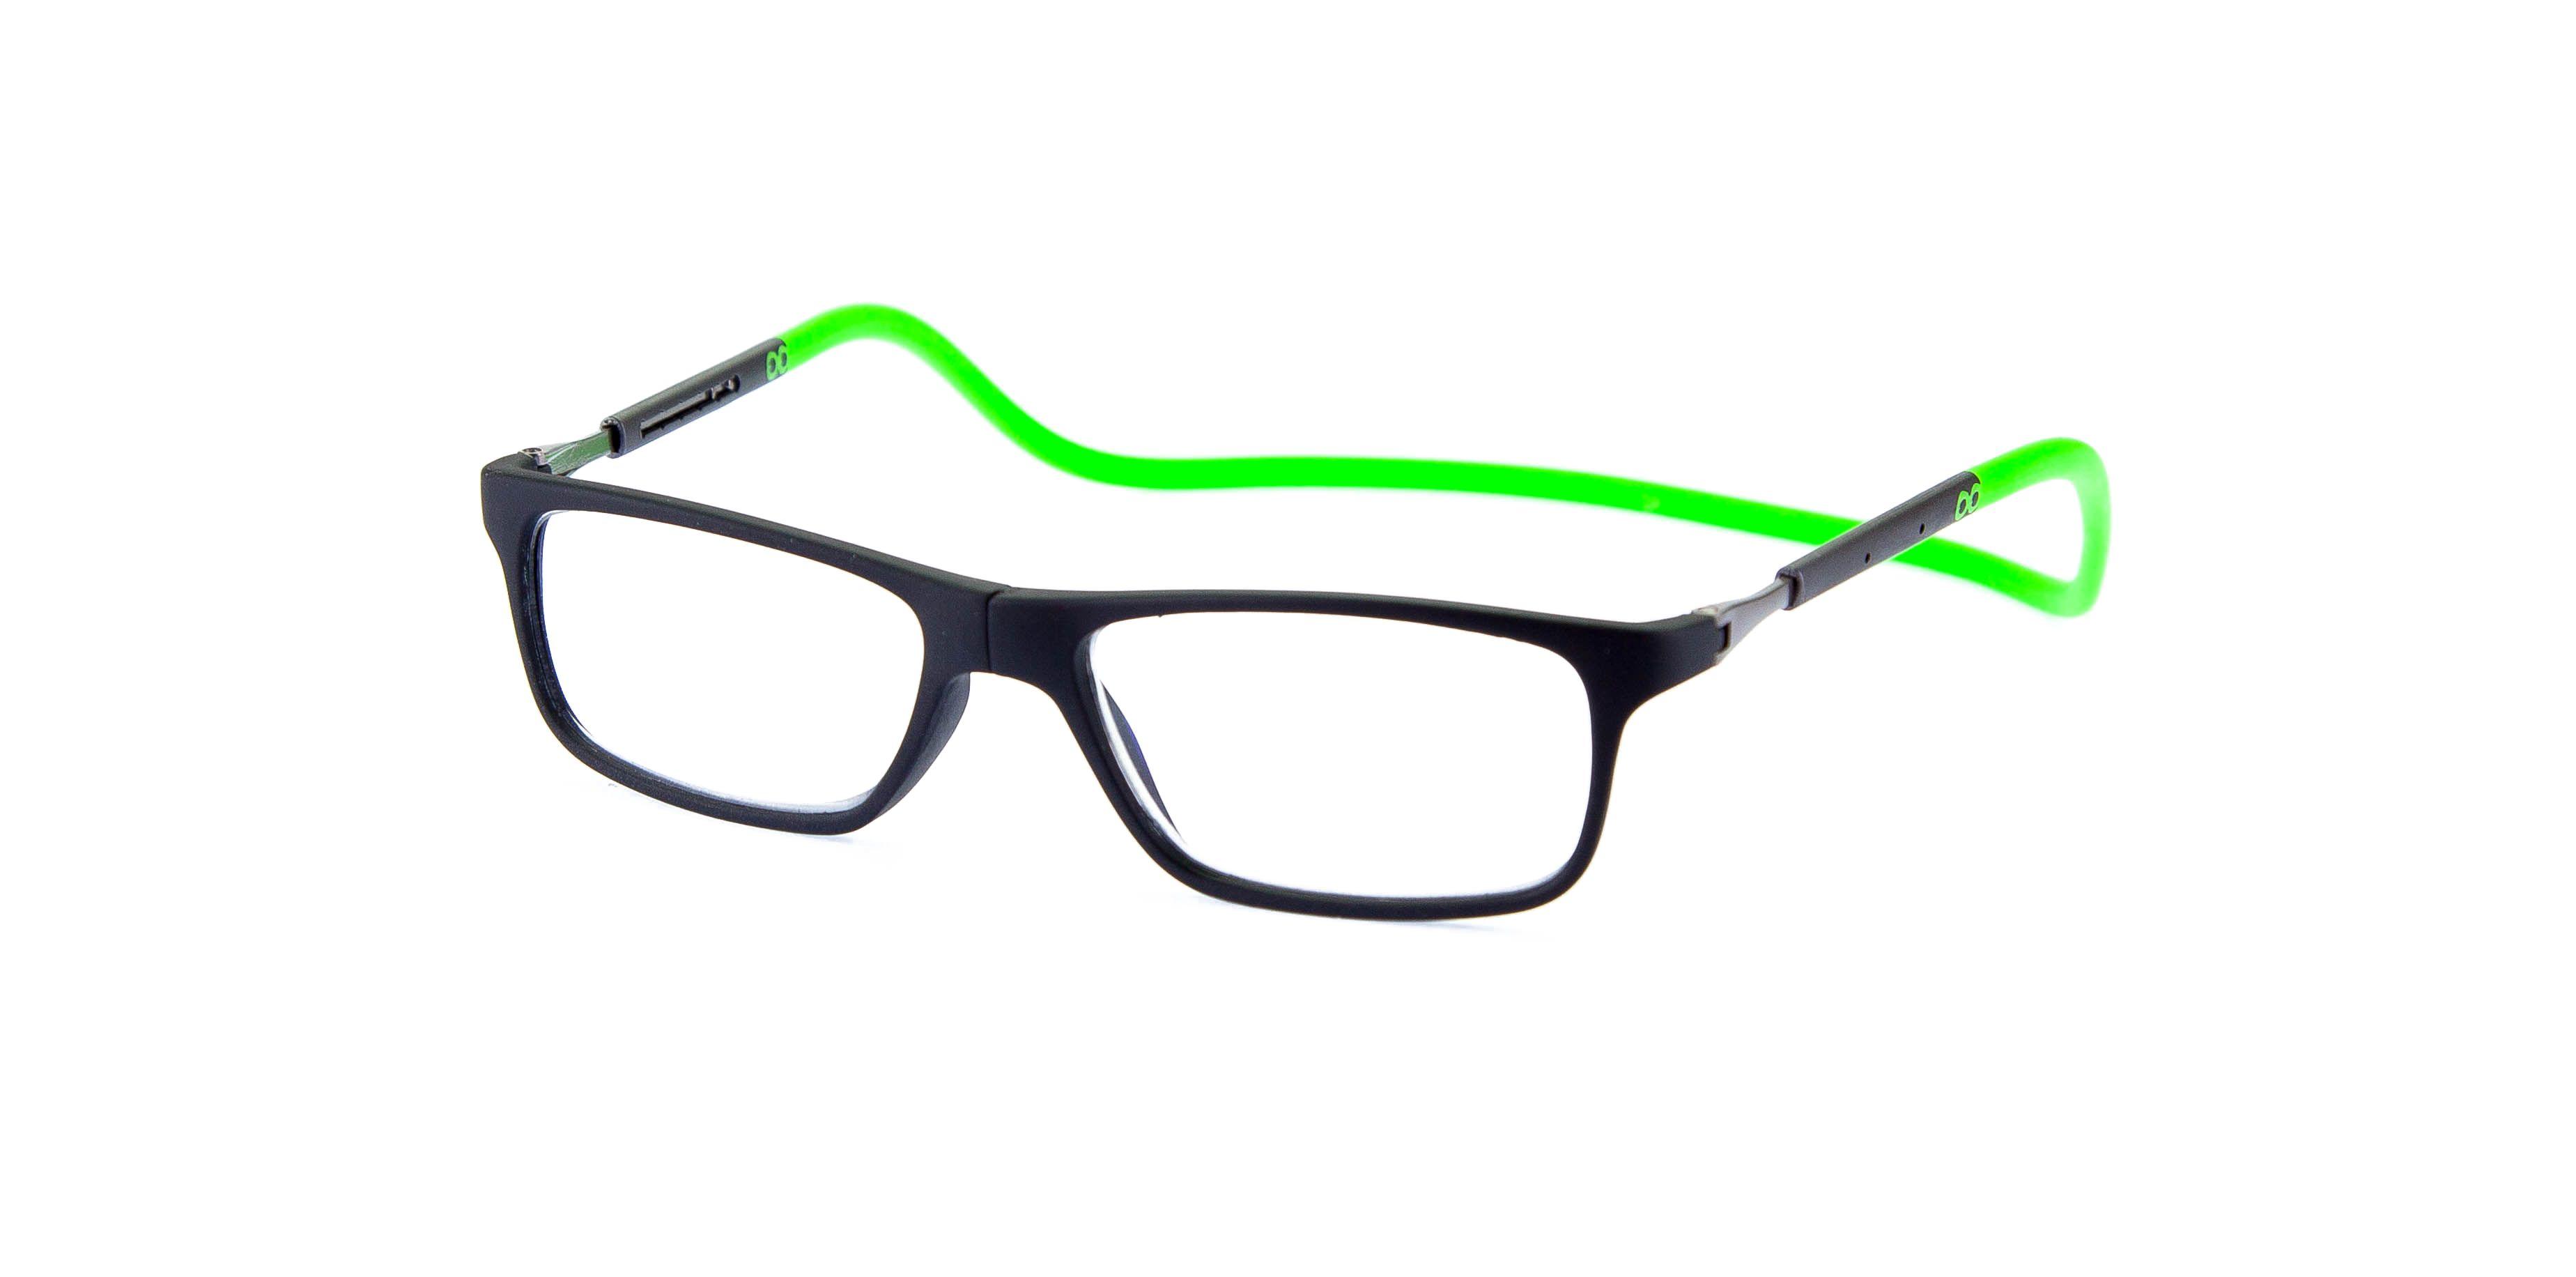 Gafas de lectura con conexión frontal. it's Slastik… it's